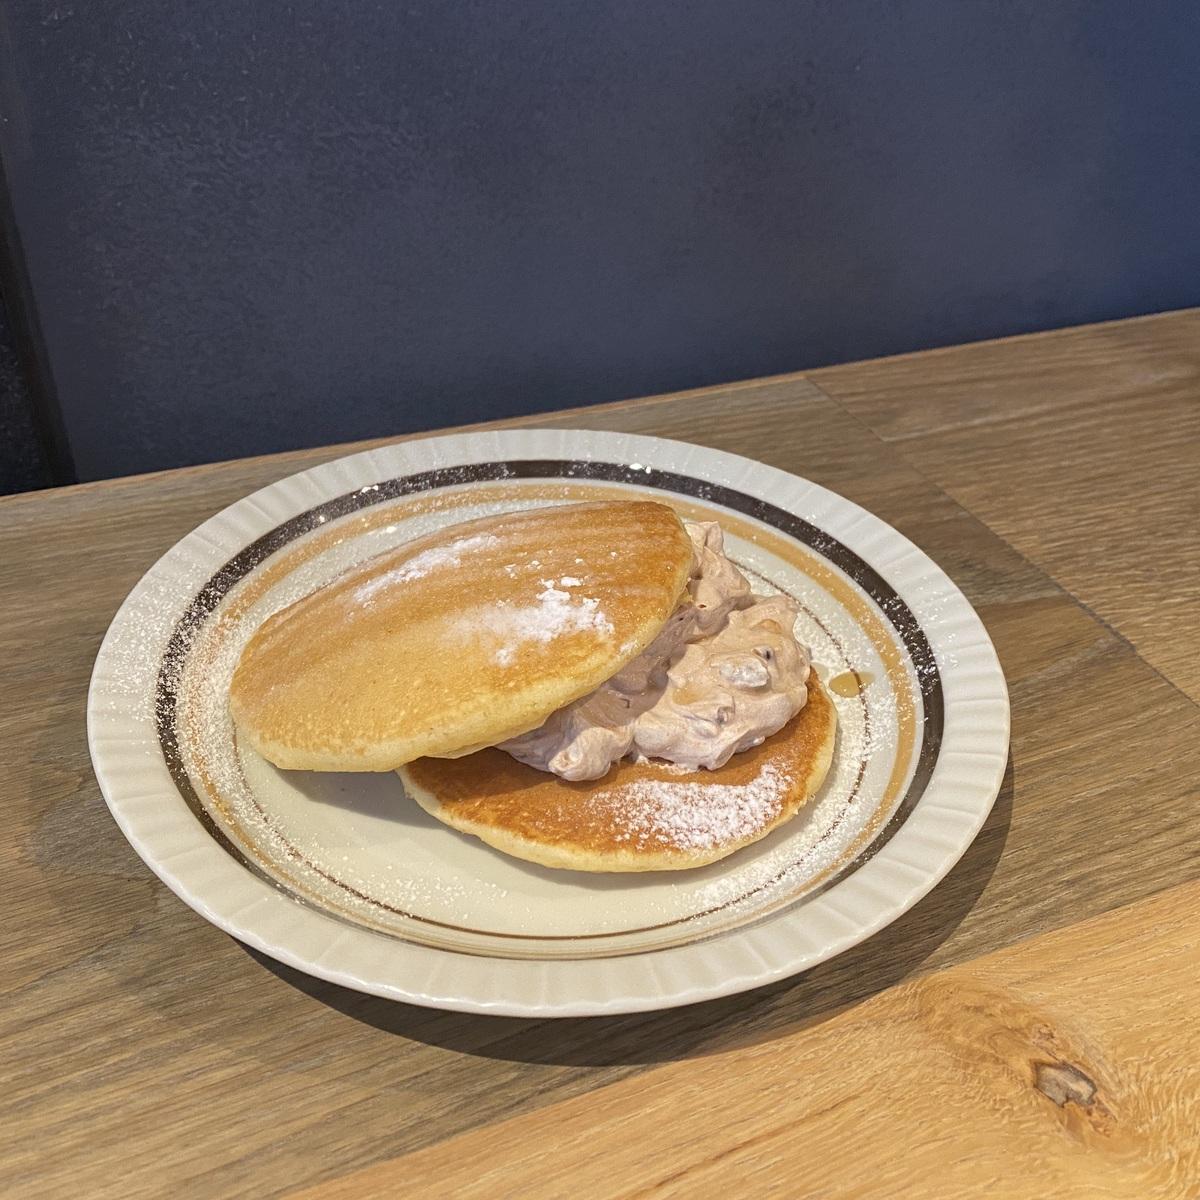 小倉ホイップパンケーキ